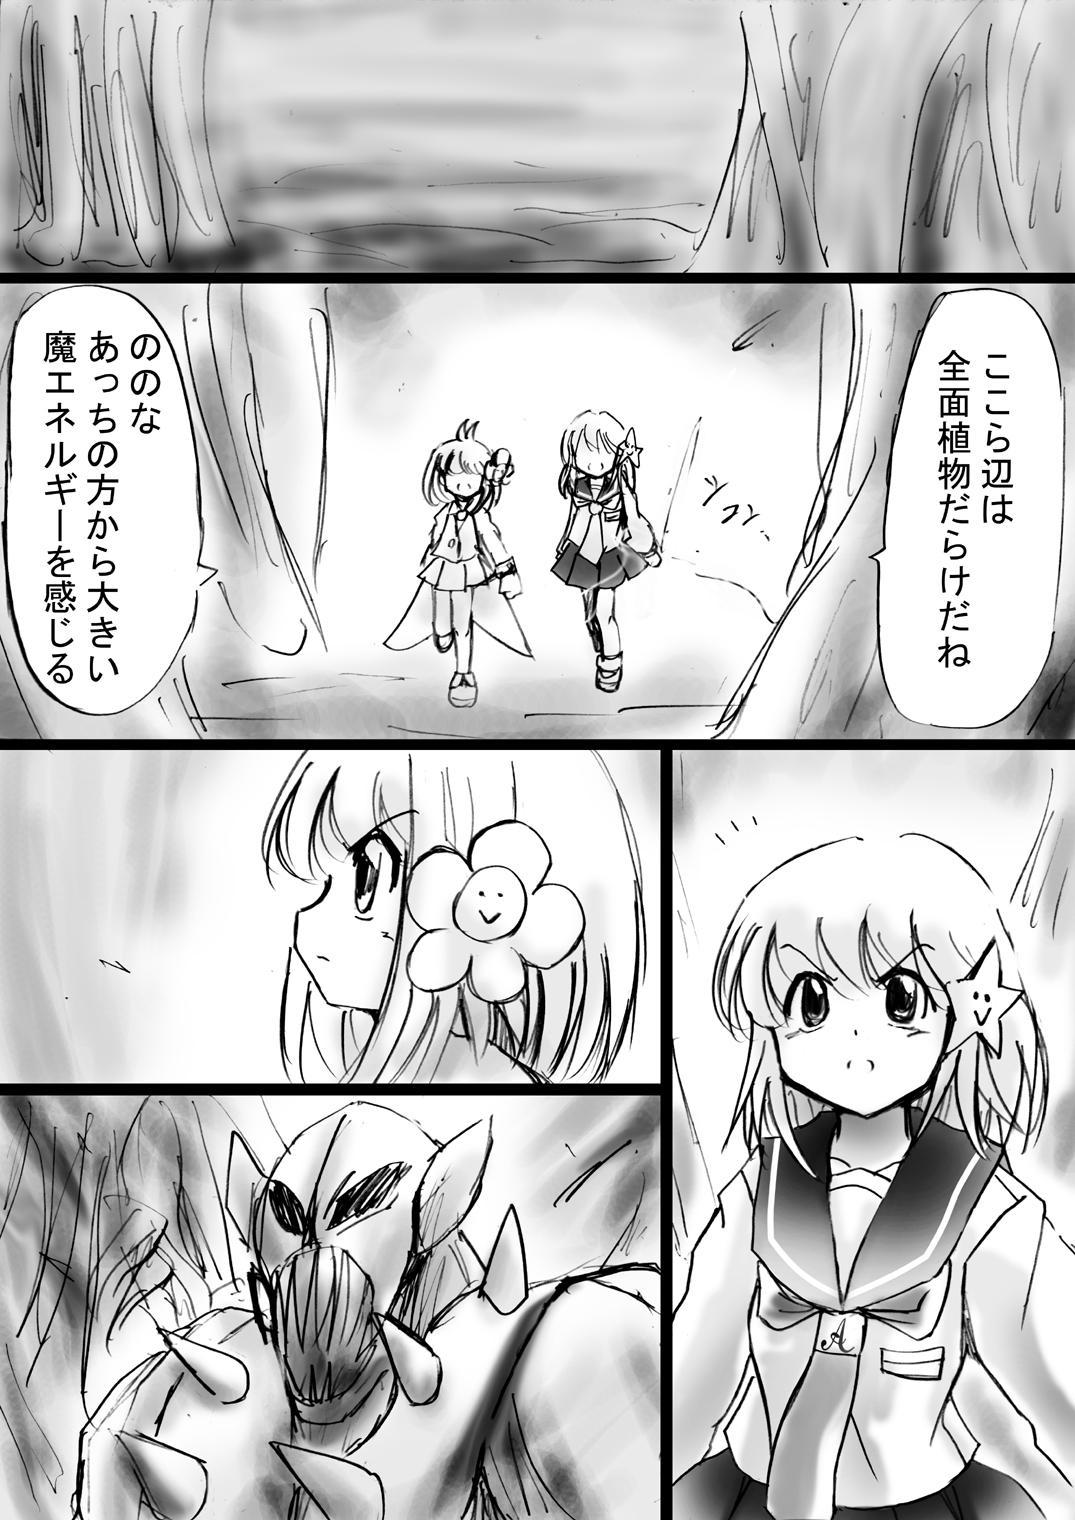 [Dende] Fushigi Sekai -Mystery World- no Nona 17 ~ Taiketsu Fujimi no Dai Inma Dakurasu, Kanzen Sekka no Kyoufu 20